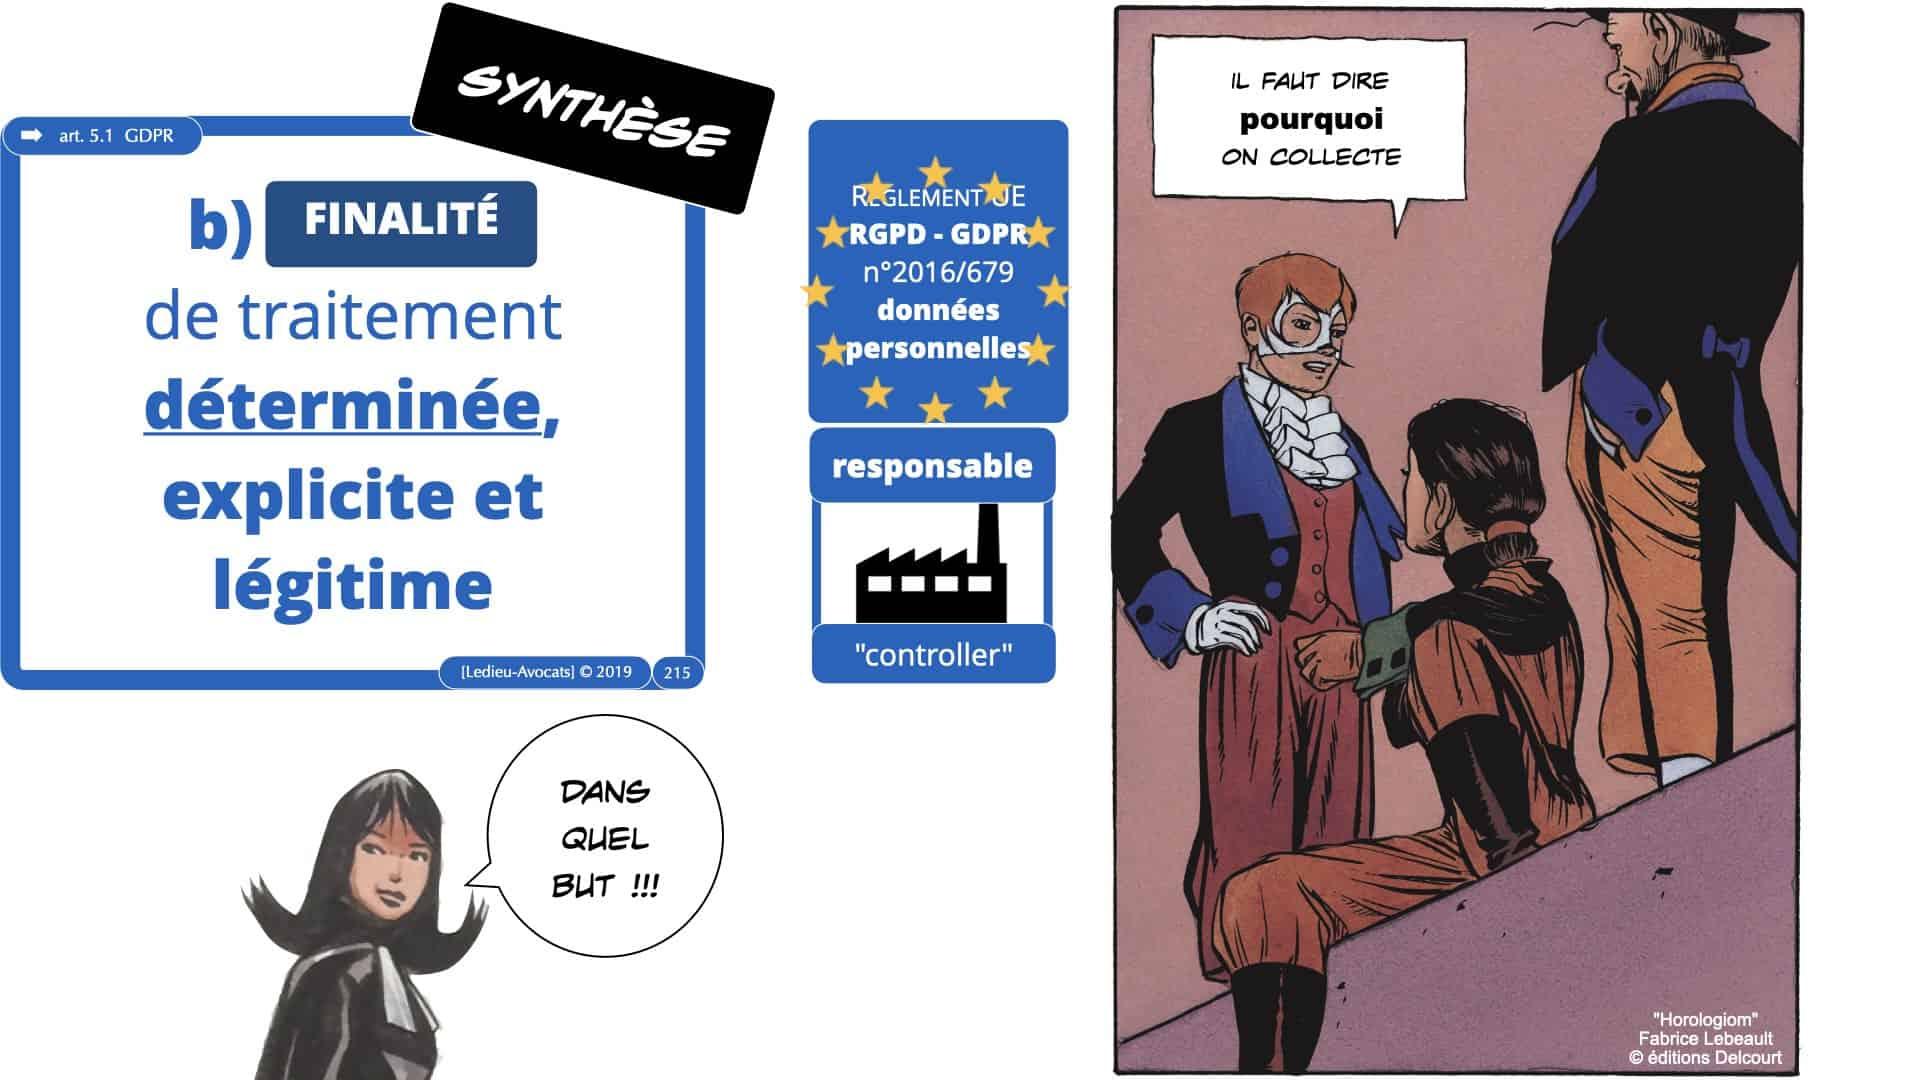 RGPD e-Privacy données personnelles jurisprudence formation Lamy Les Echos 10-02-2021 ©Ledieu-Avocats.215